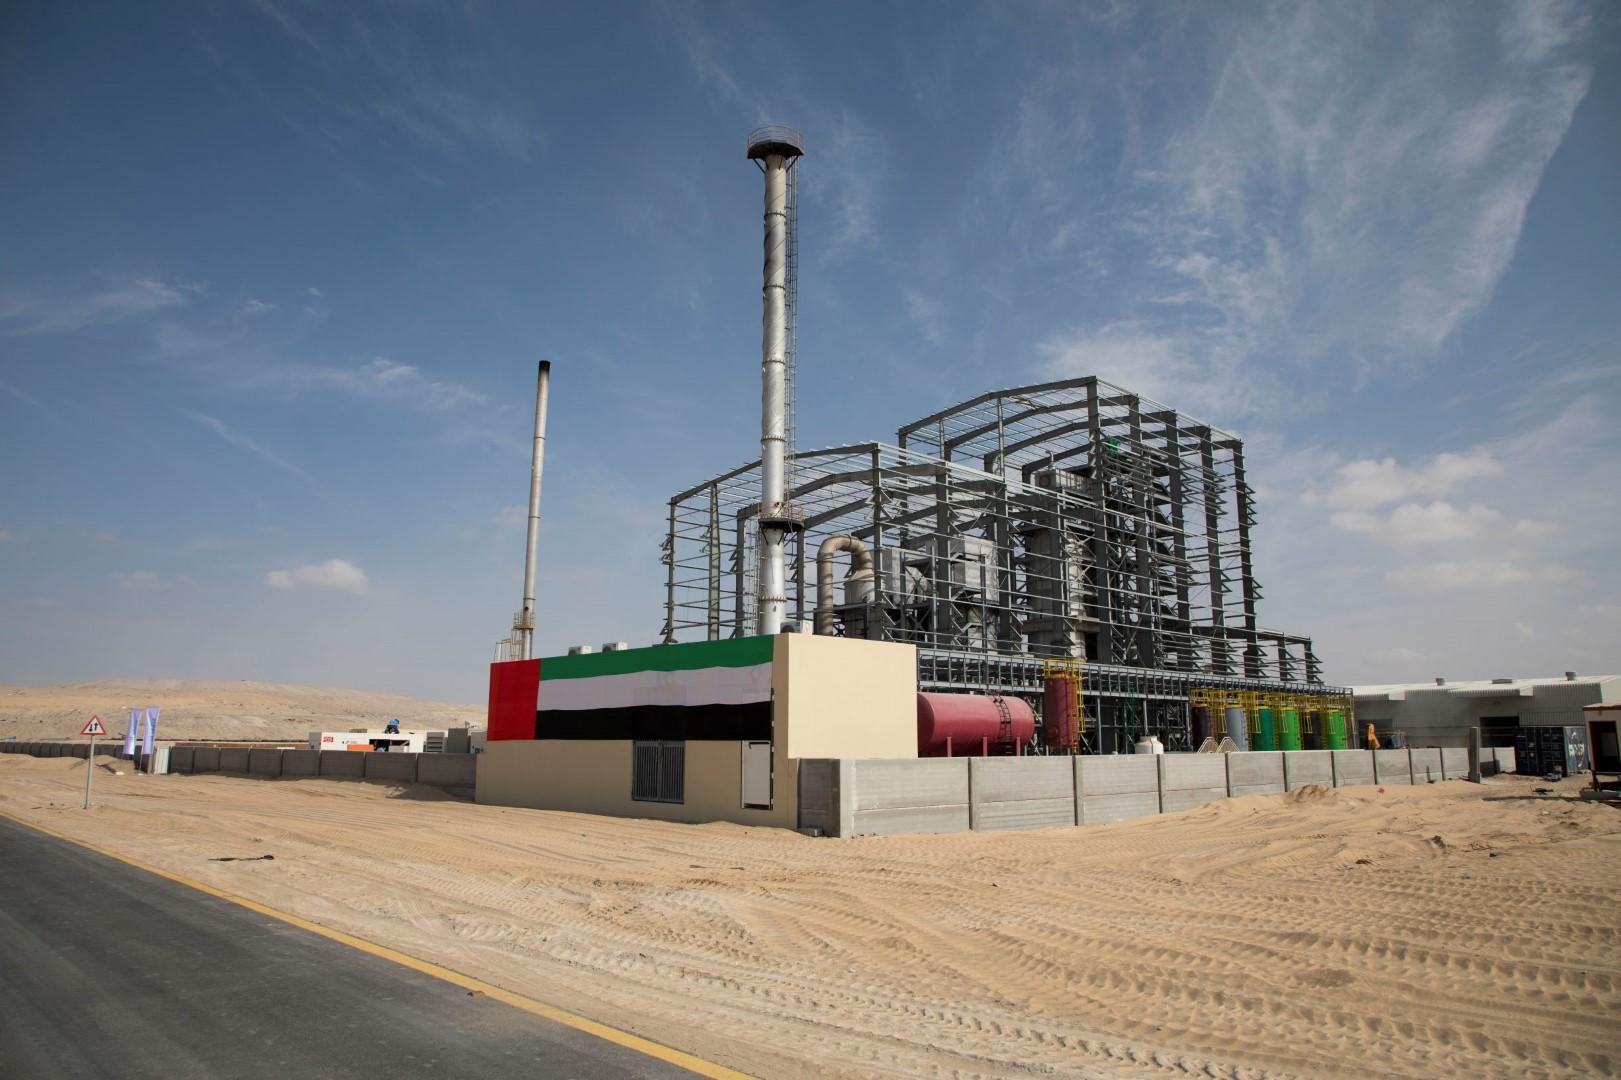 """""""تدوير"""" تفتتح مجمعا صديقا للبيئة """"إيكو بارك"""" لتعزيز التنمية المستدامة في إمارة ابوظبي"""